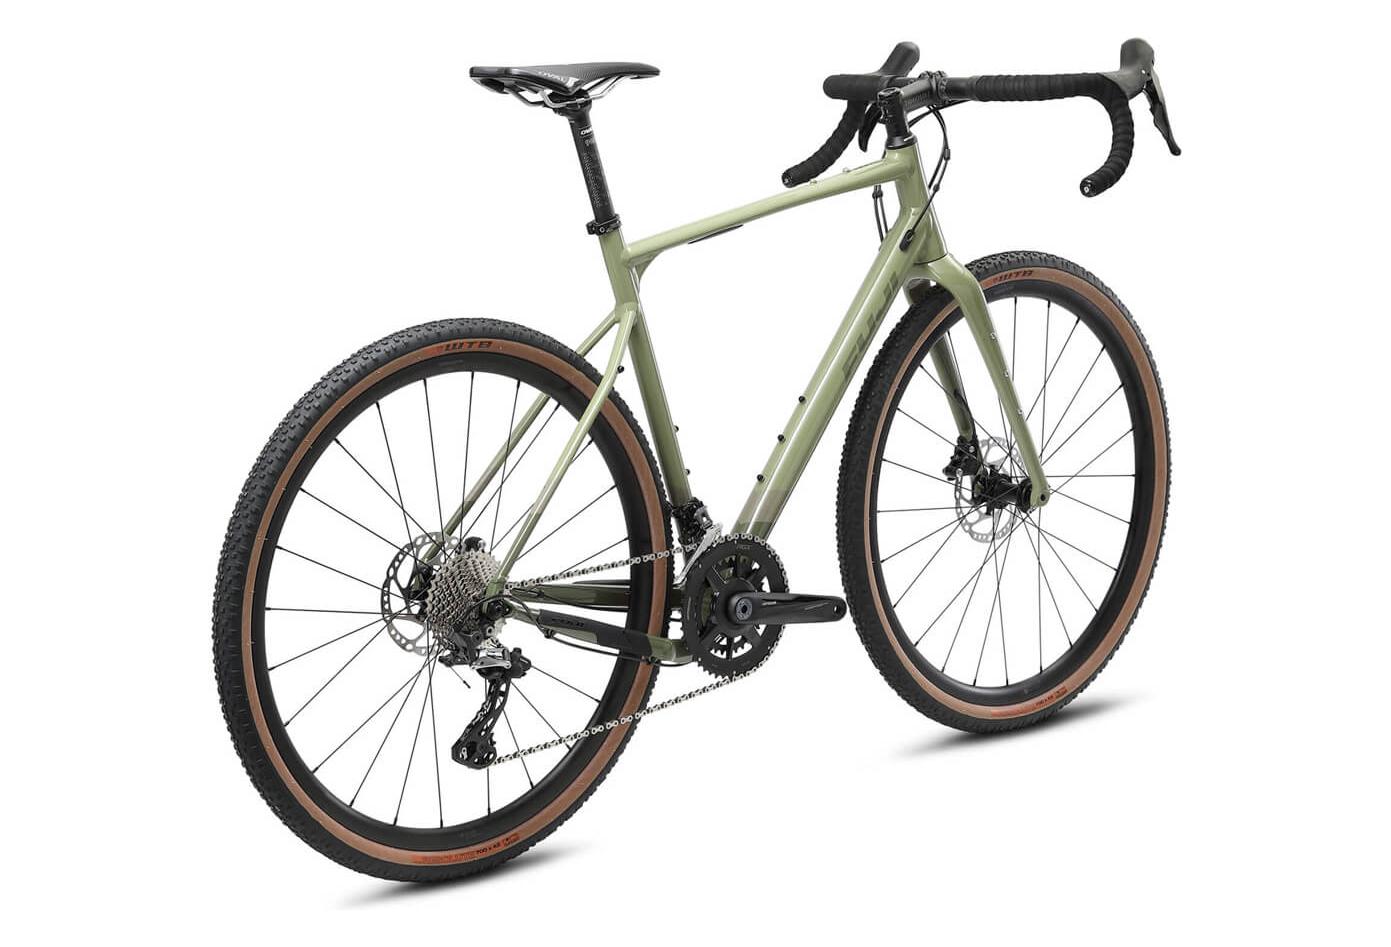 Portaborraccia PRO con entrata laterale sinistra SX bici bicicletta gravel mtb